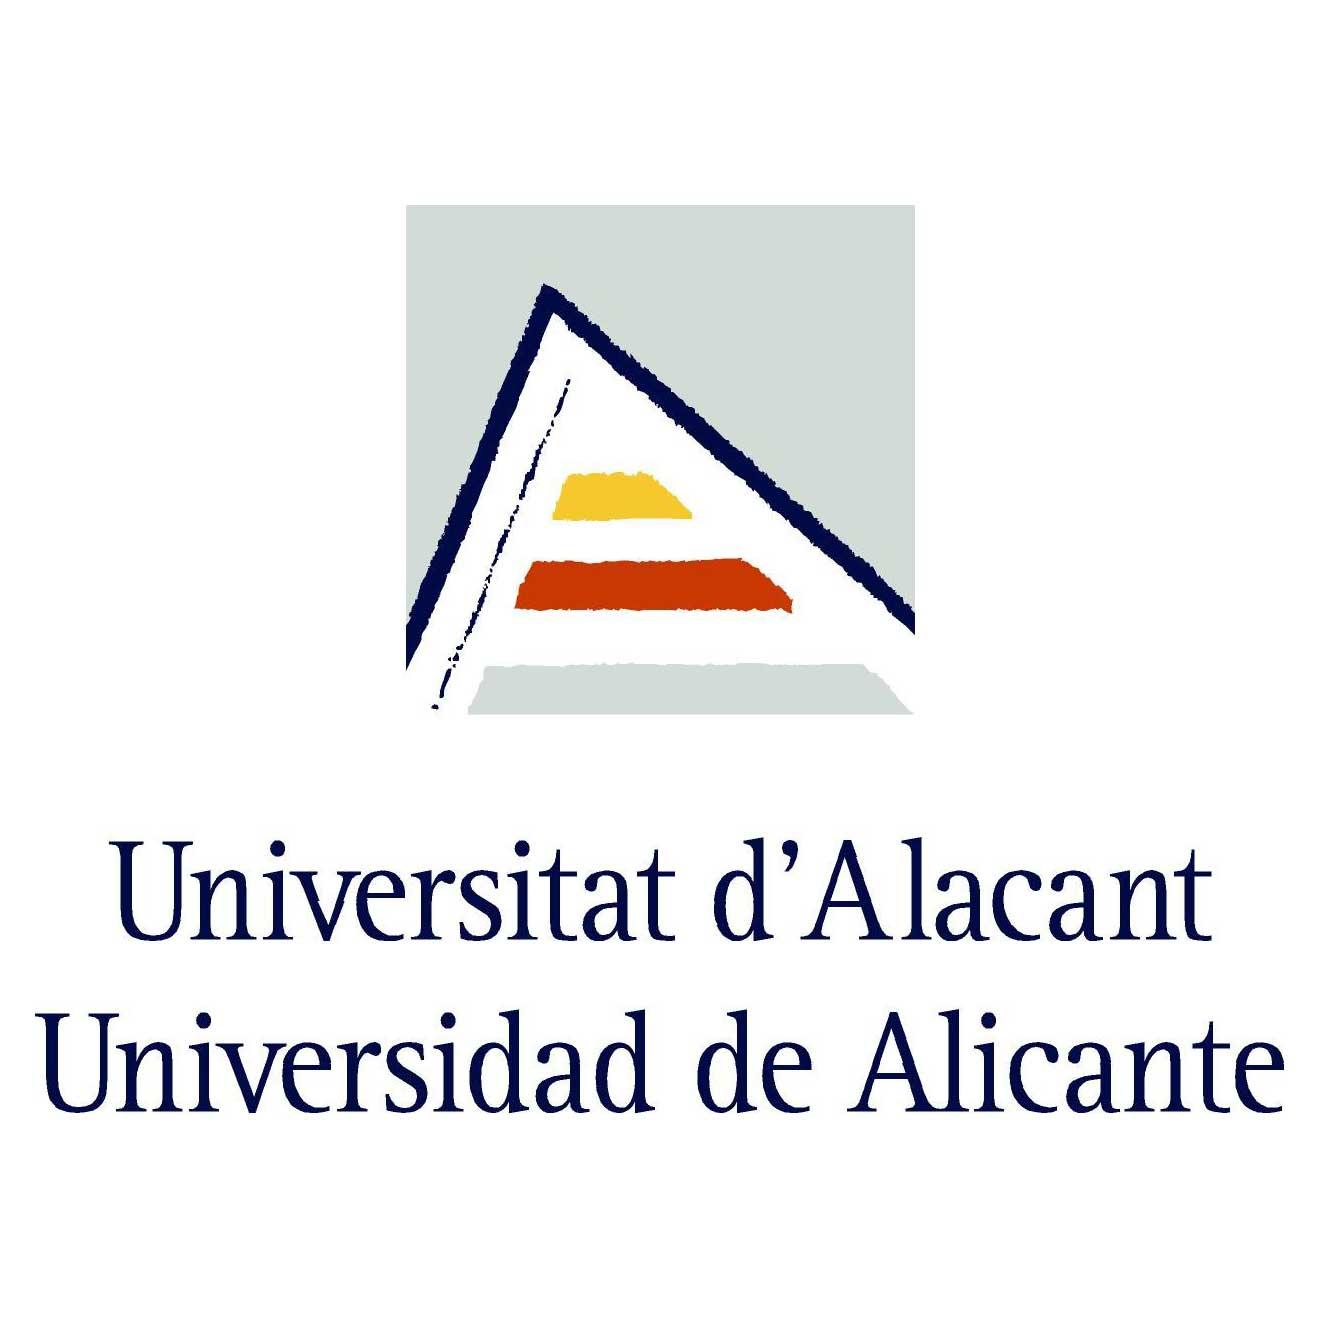 Facultad de Ciencias Económicas y Empresariales de la Universidad de Alicante